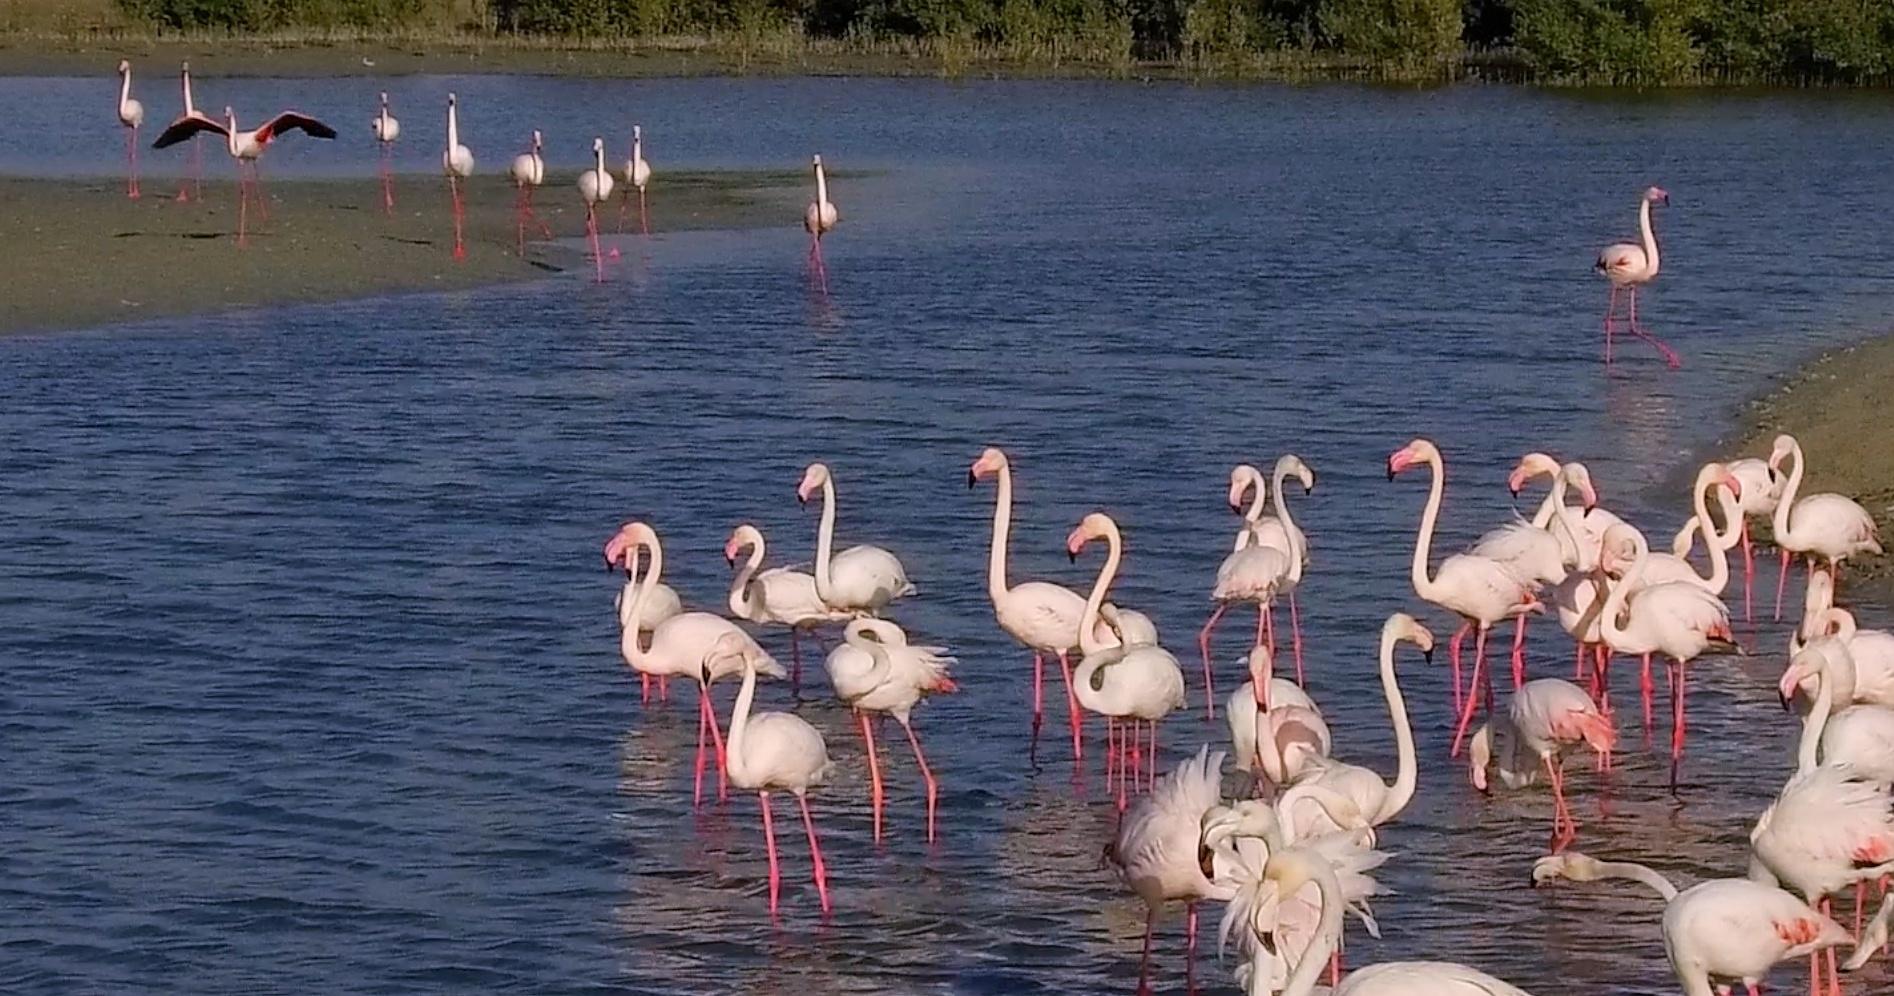 free-things-to-do-in-dubai-flamingos-in-dubai-ras-al-khor-wildlife-sanctuary